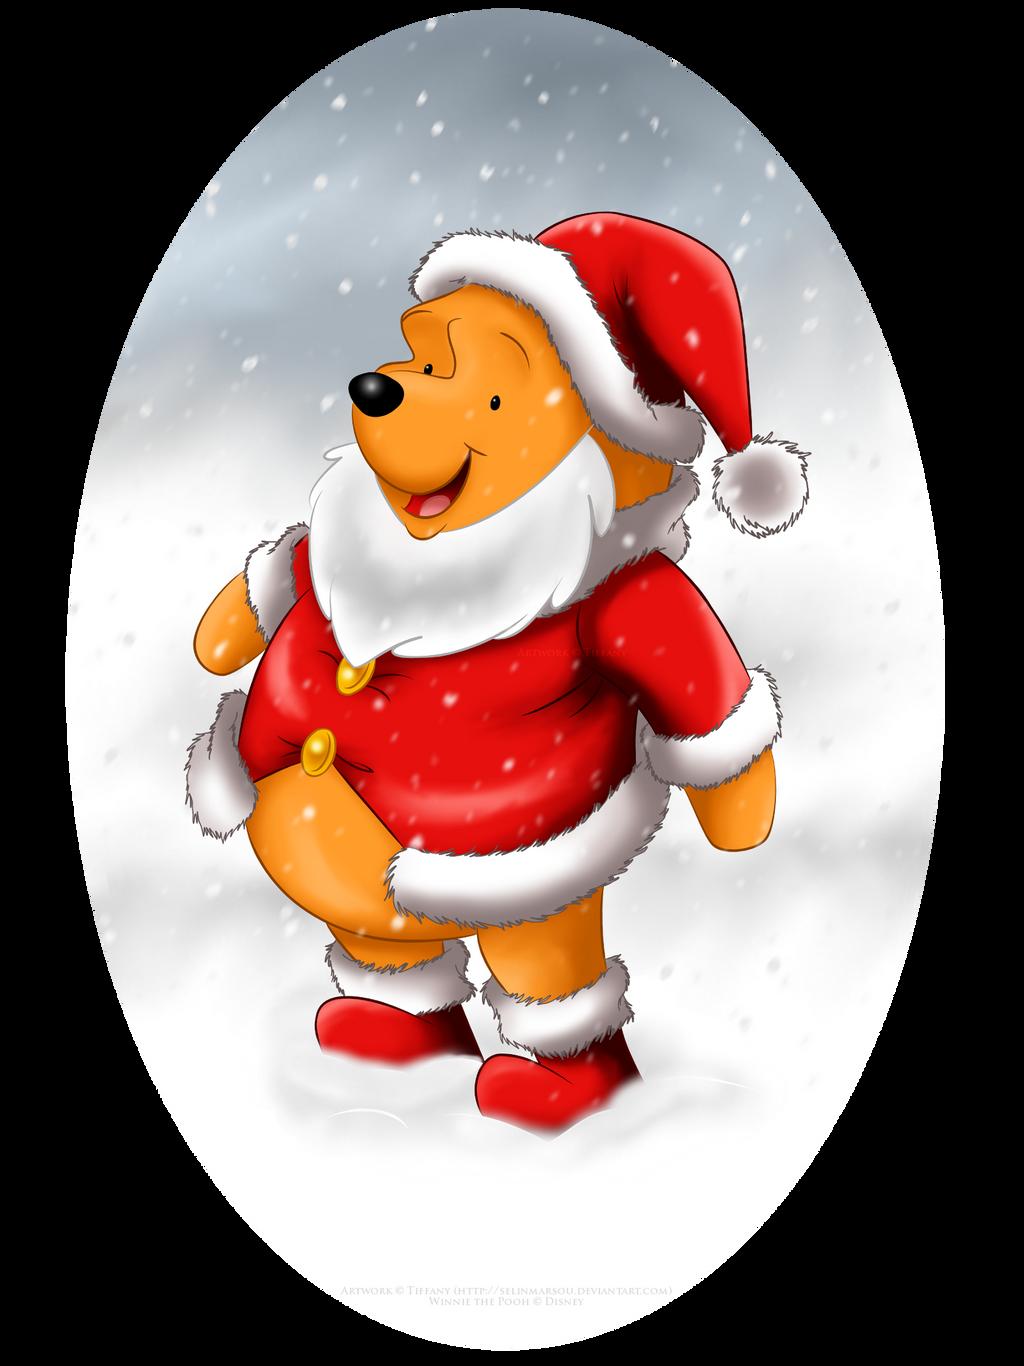 Winnie the Santa by selinmarsou